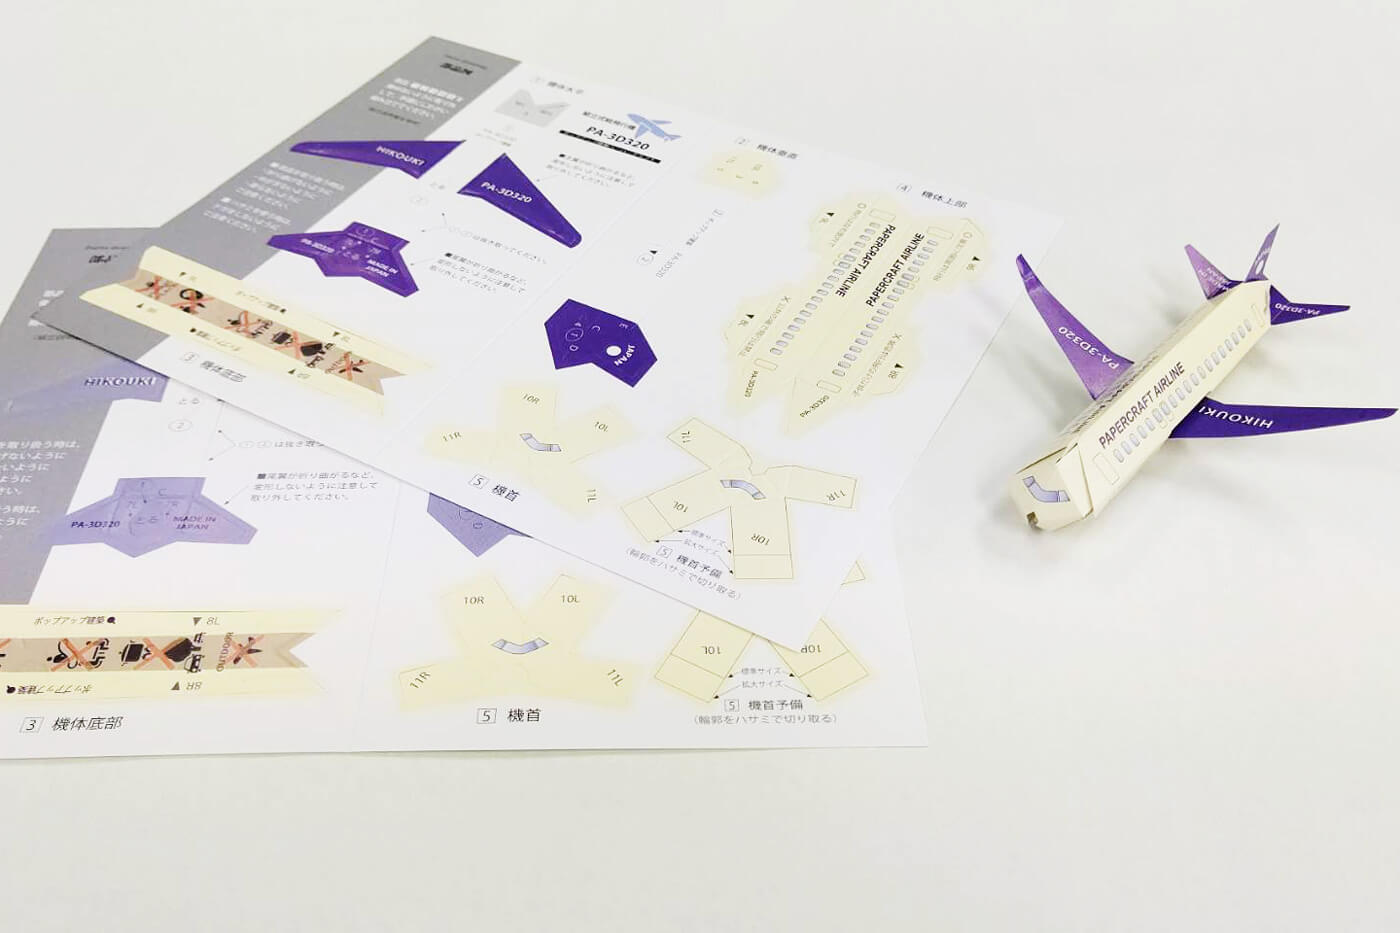 【事例紹介】小川製作室様「紙飛行機ペーパークラフト」